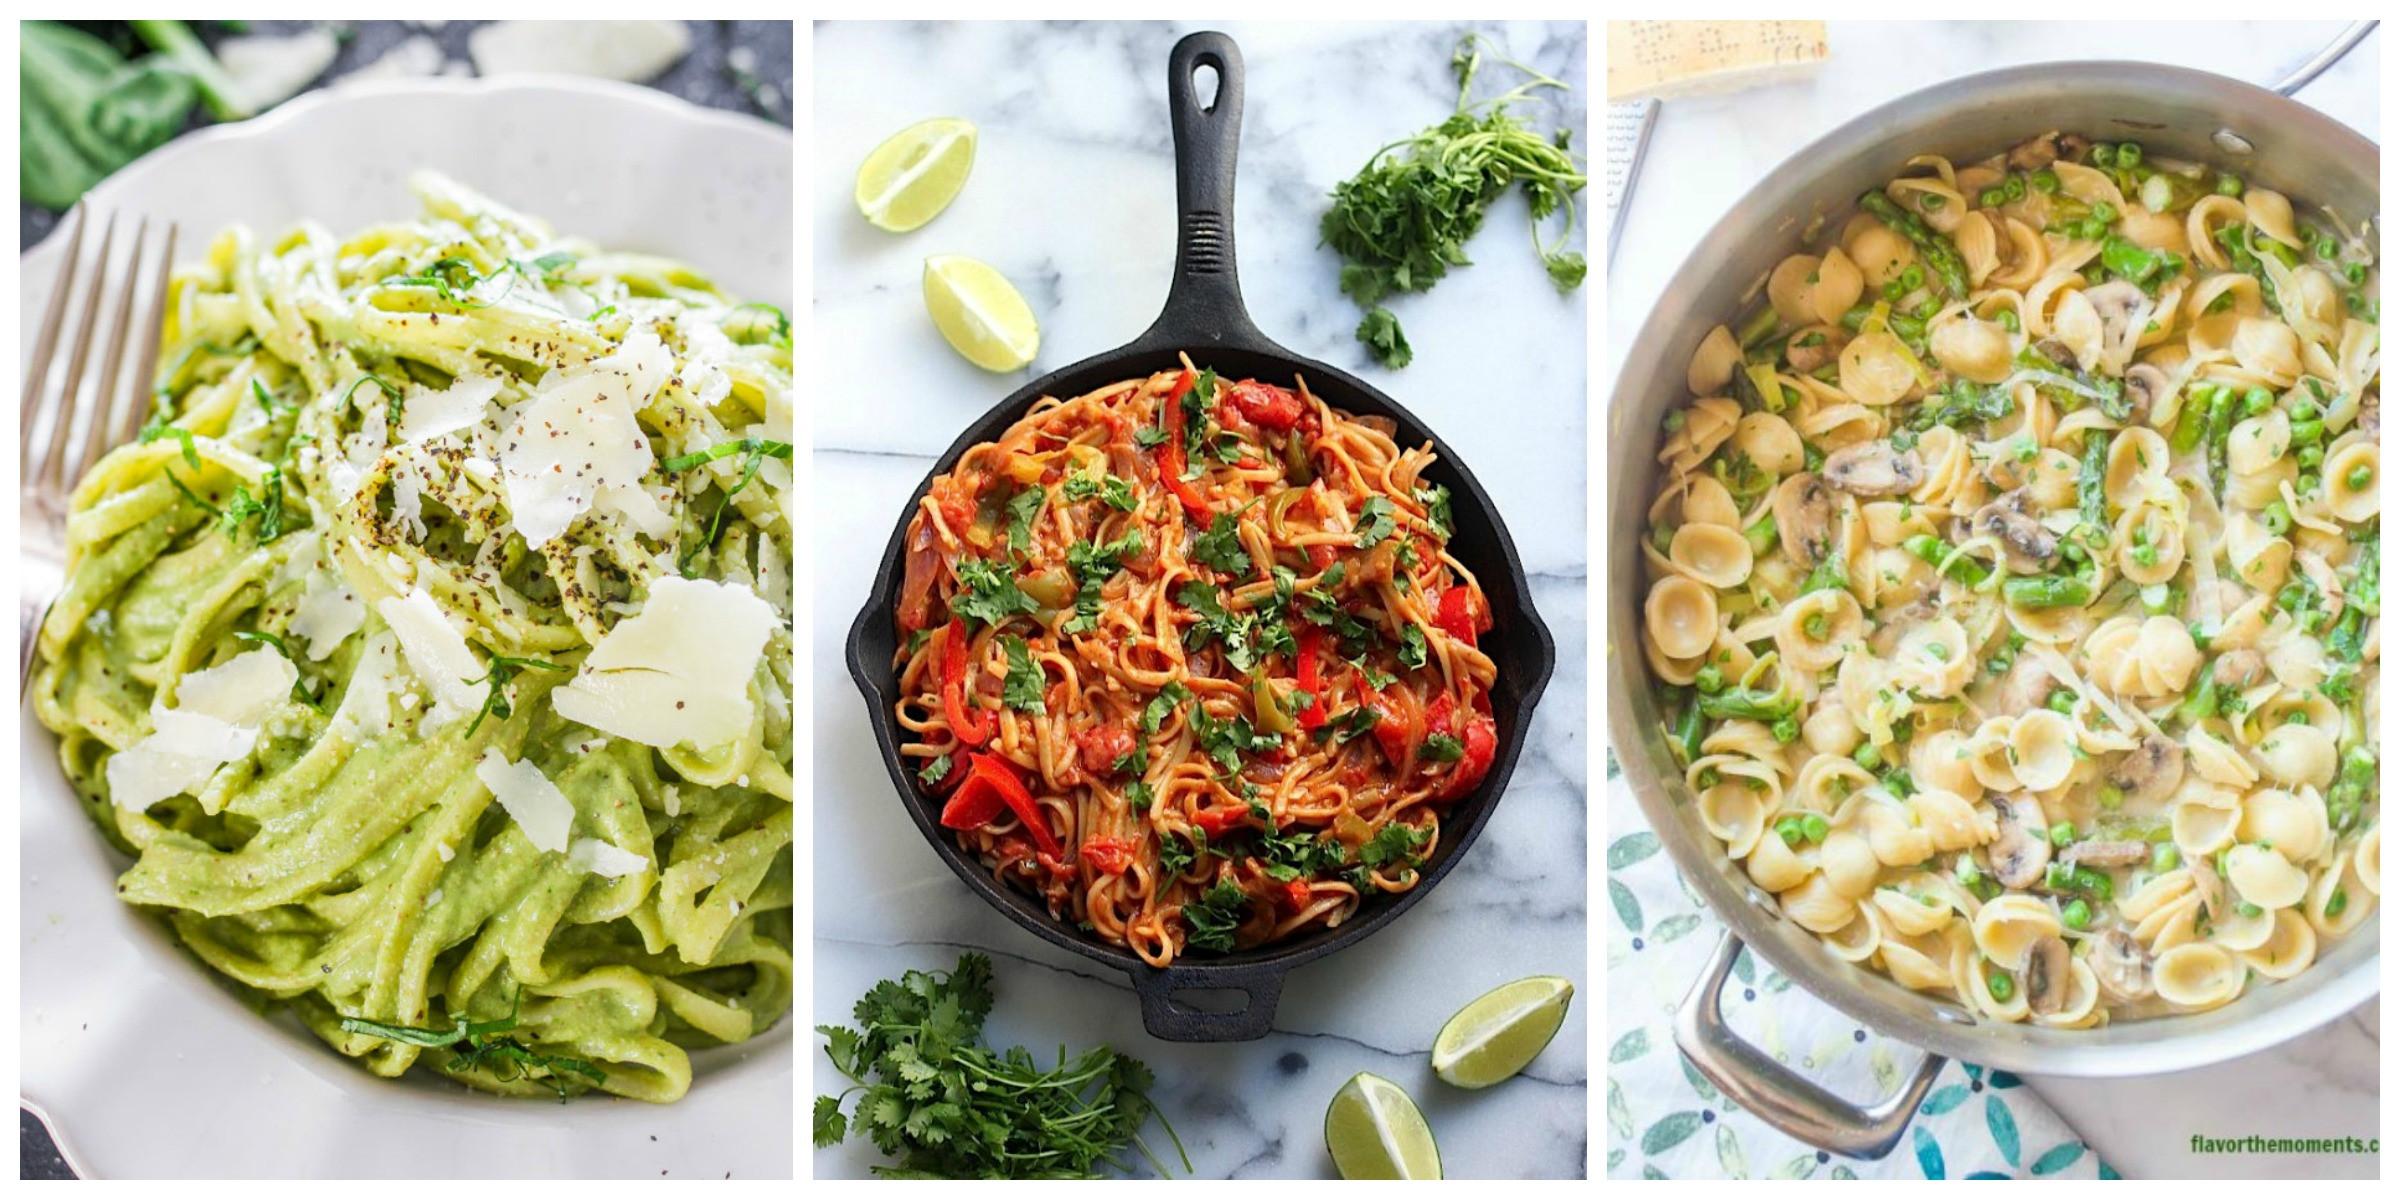 Light Healthy Dinner  25 Healthy Pasta Recipes Light Pasta Dinner Ideas